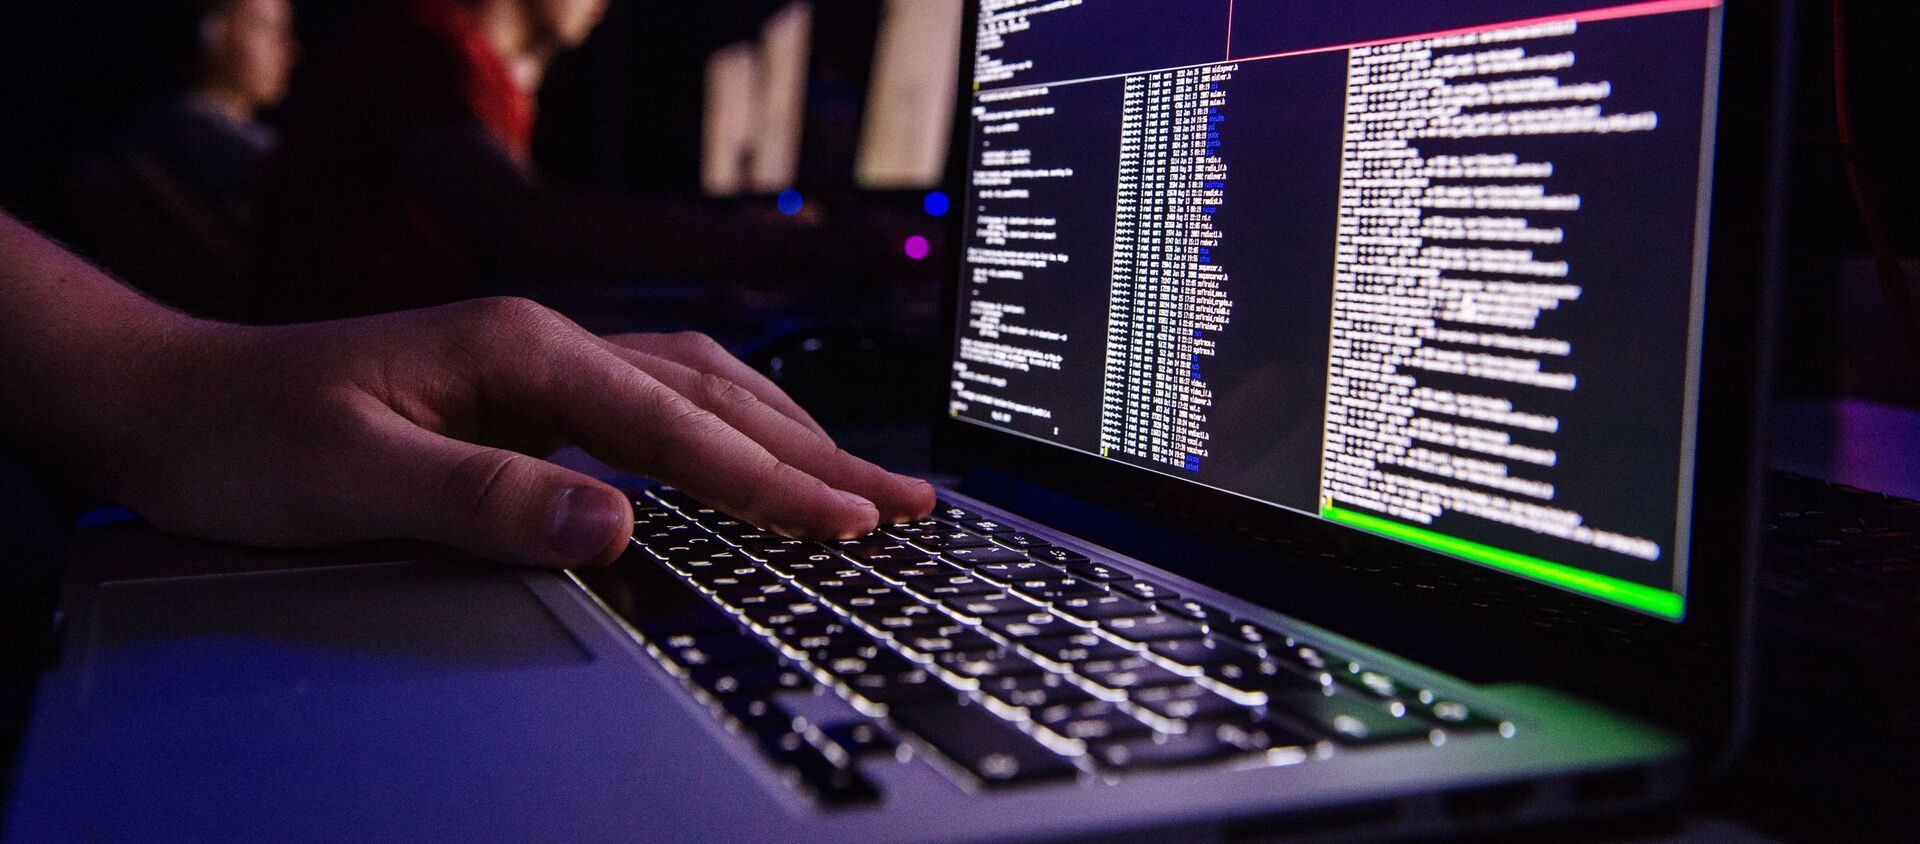 Вирус-вымогатель атаковал IT-системы компаний в разных странах - Sputnik Абхазия, 1920, 31.07.2021